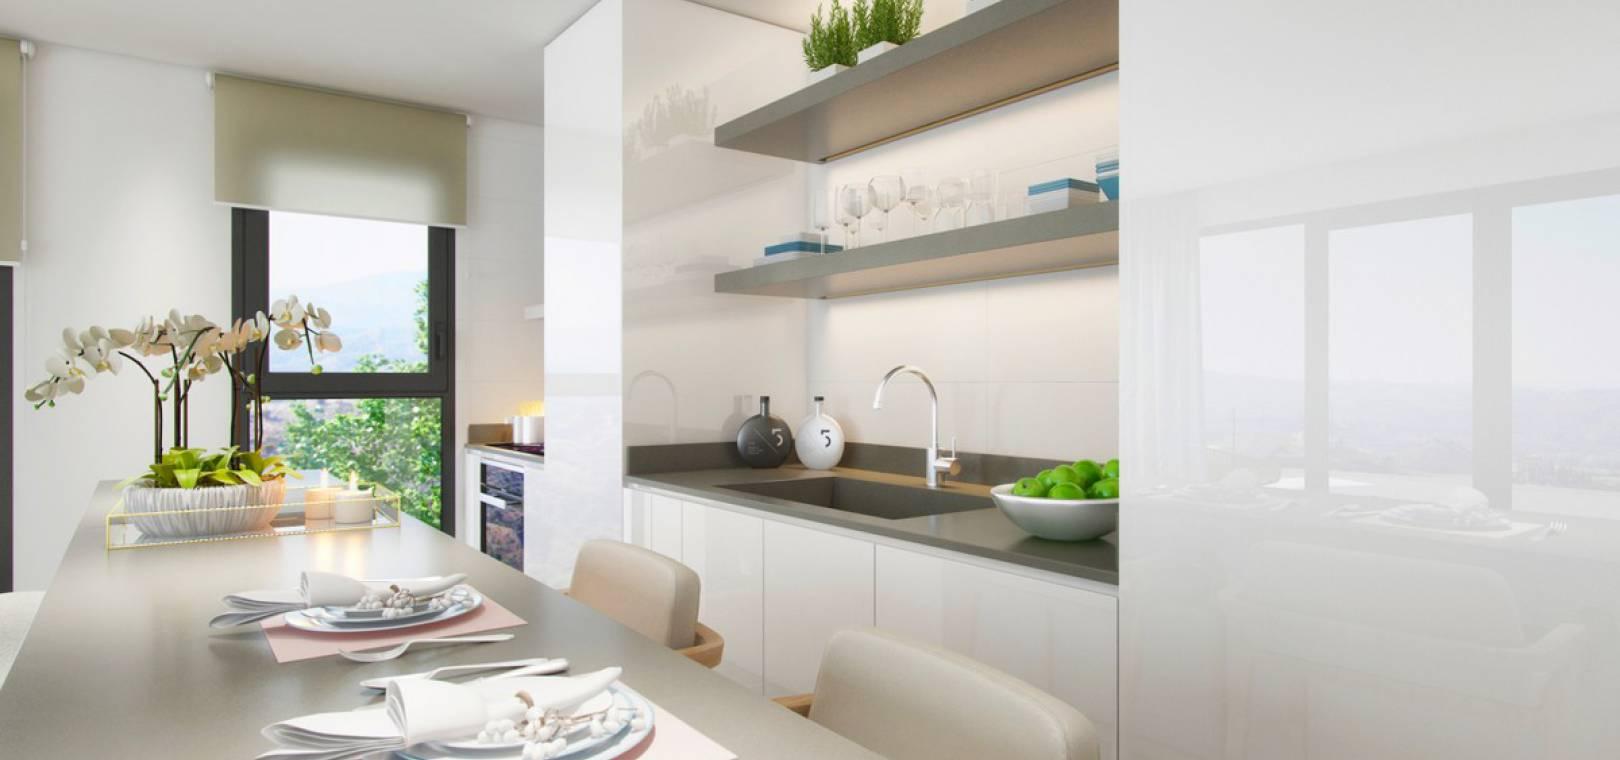 Nouvelle construction - Appartement - La Cala de Mijas